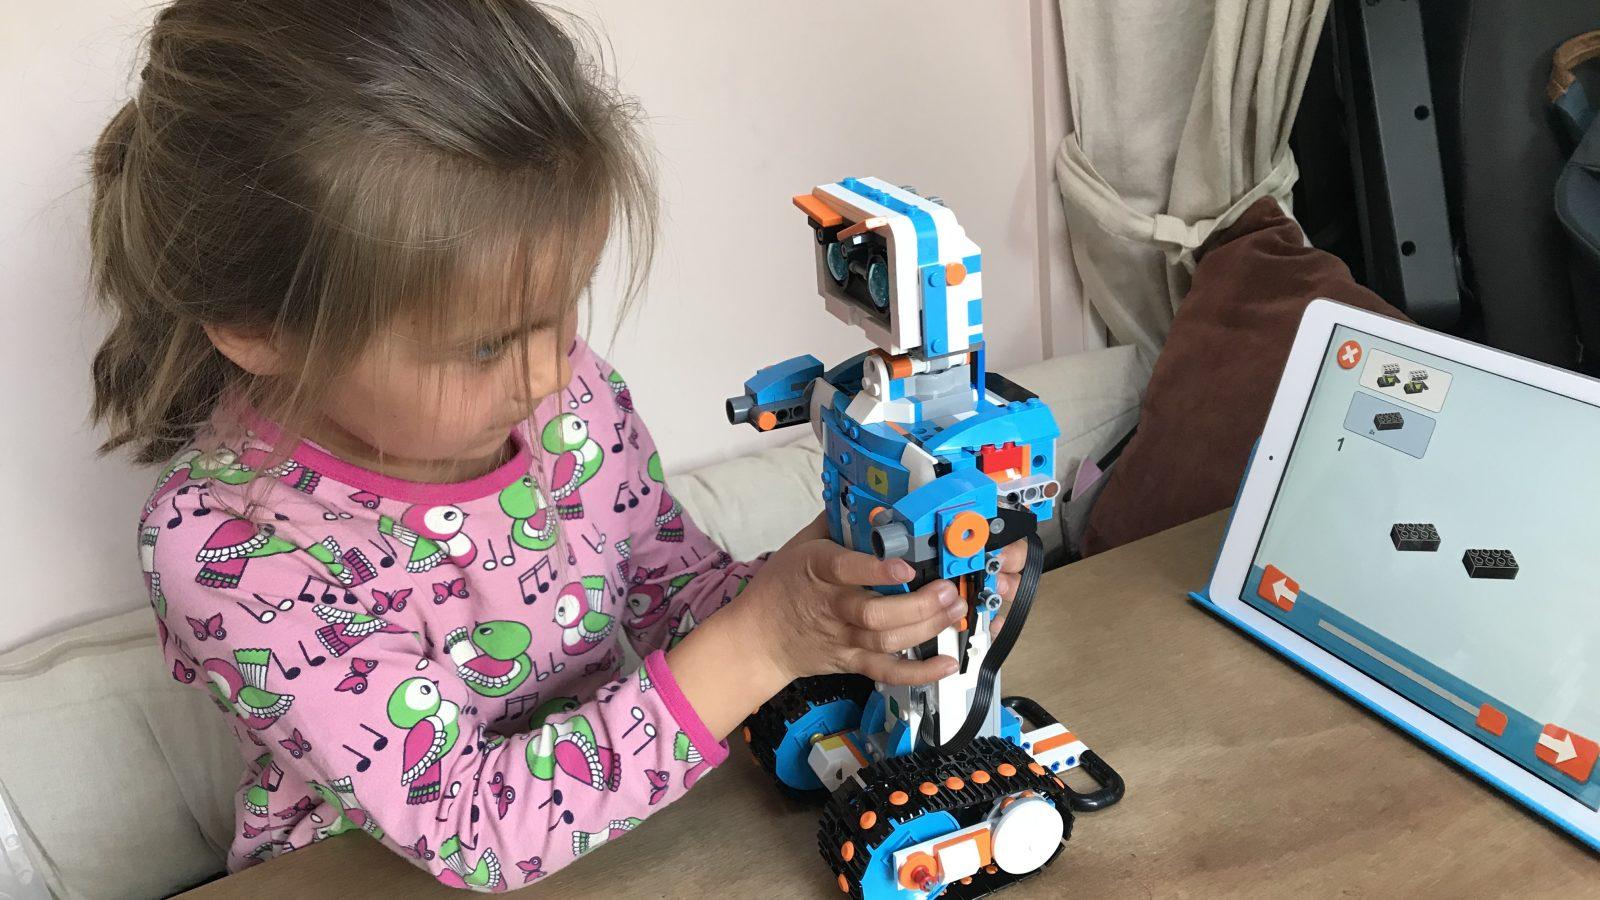 lego programmeren robot bouwen